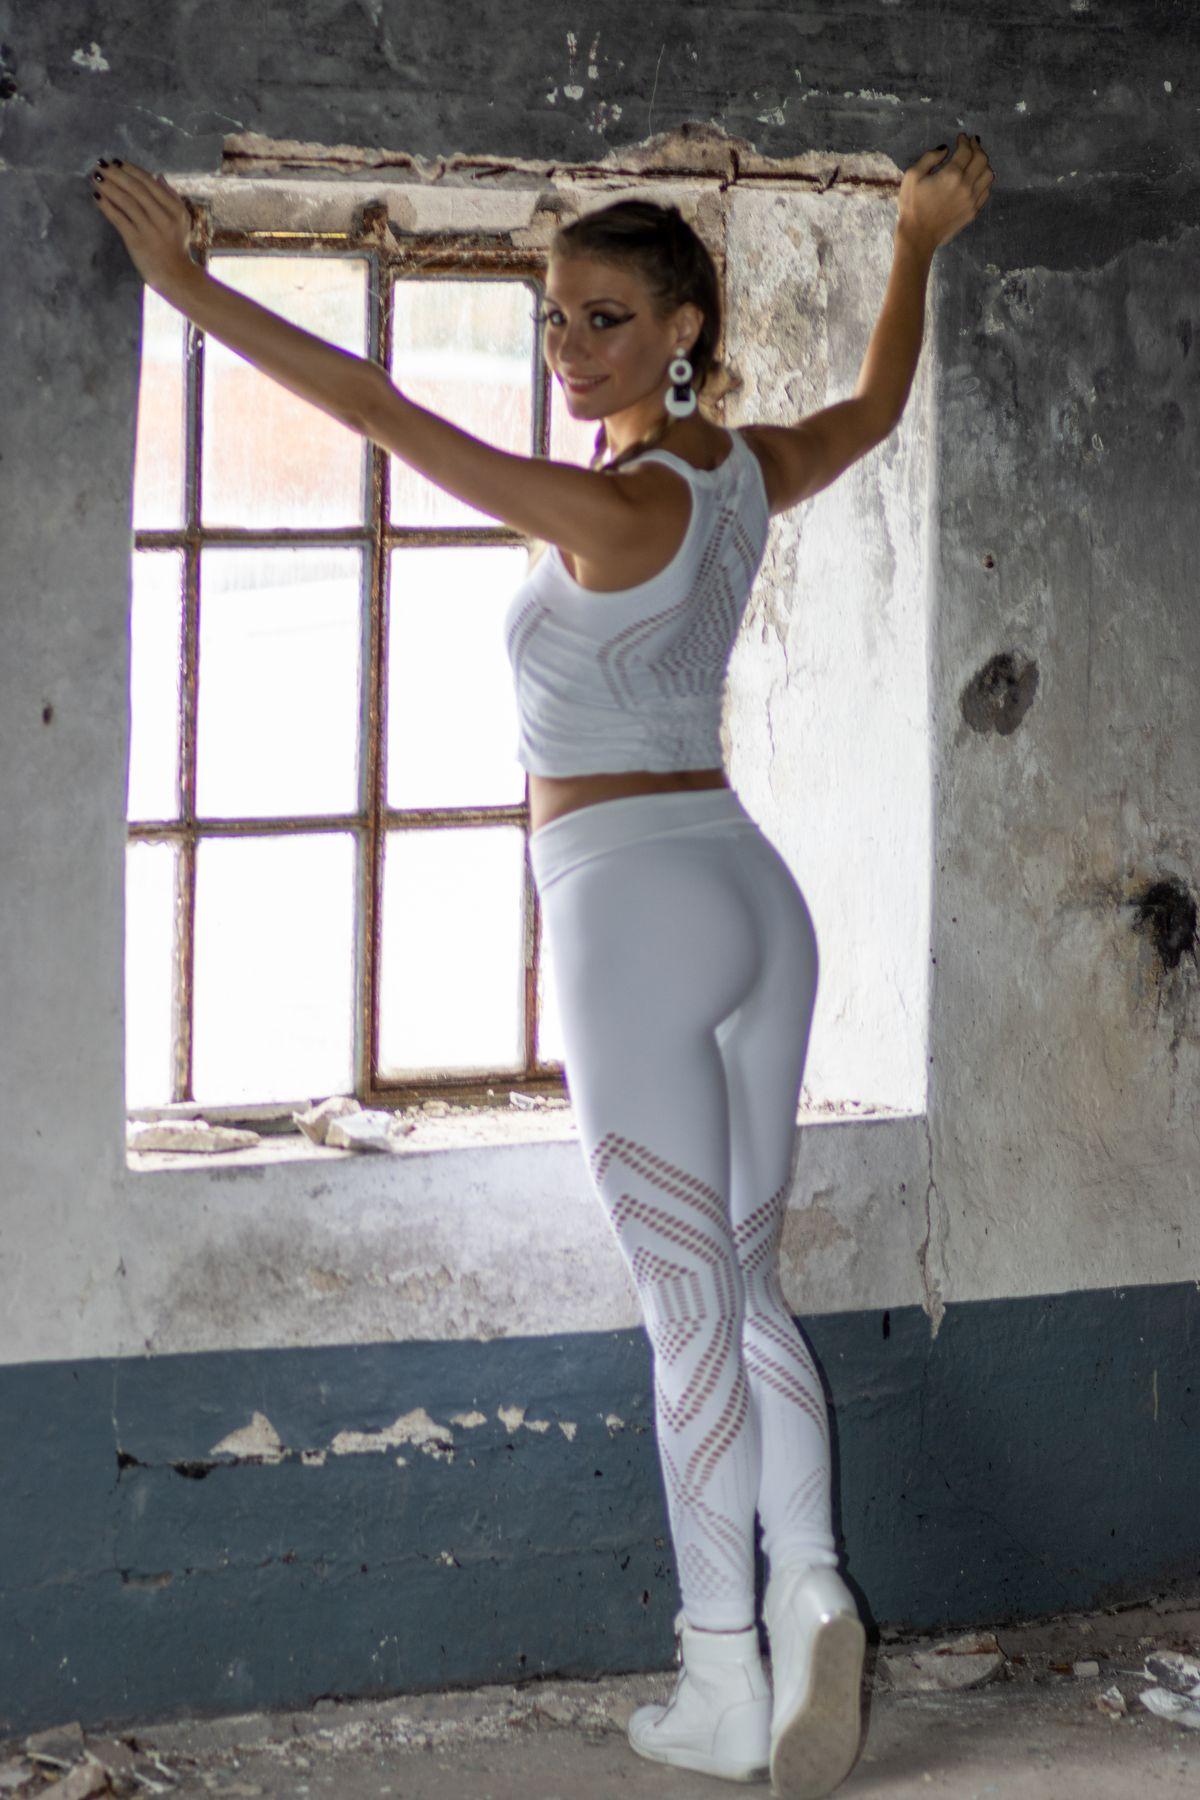 Stefanie Schanzleh